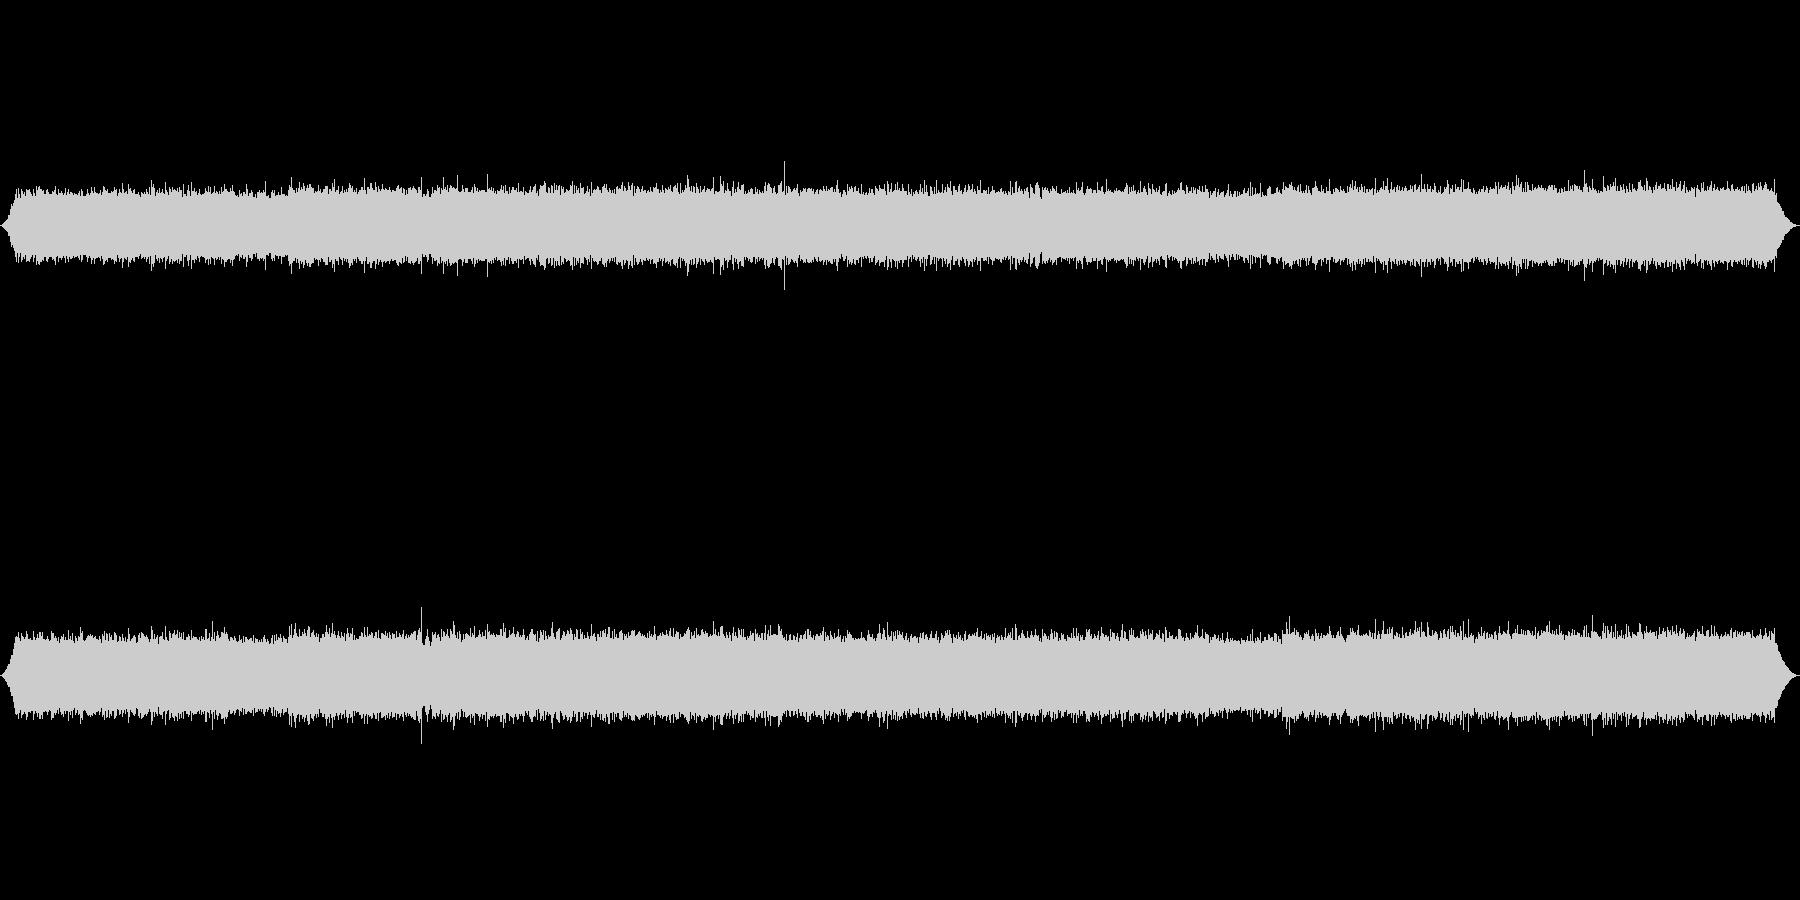 長野県小黒川渓流の音素材の未再生の波形